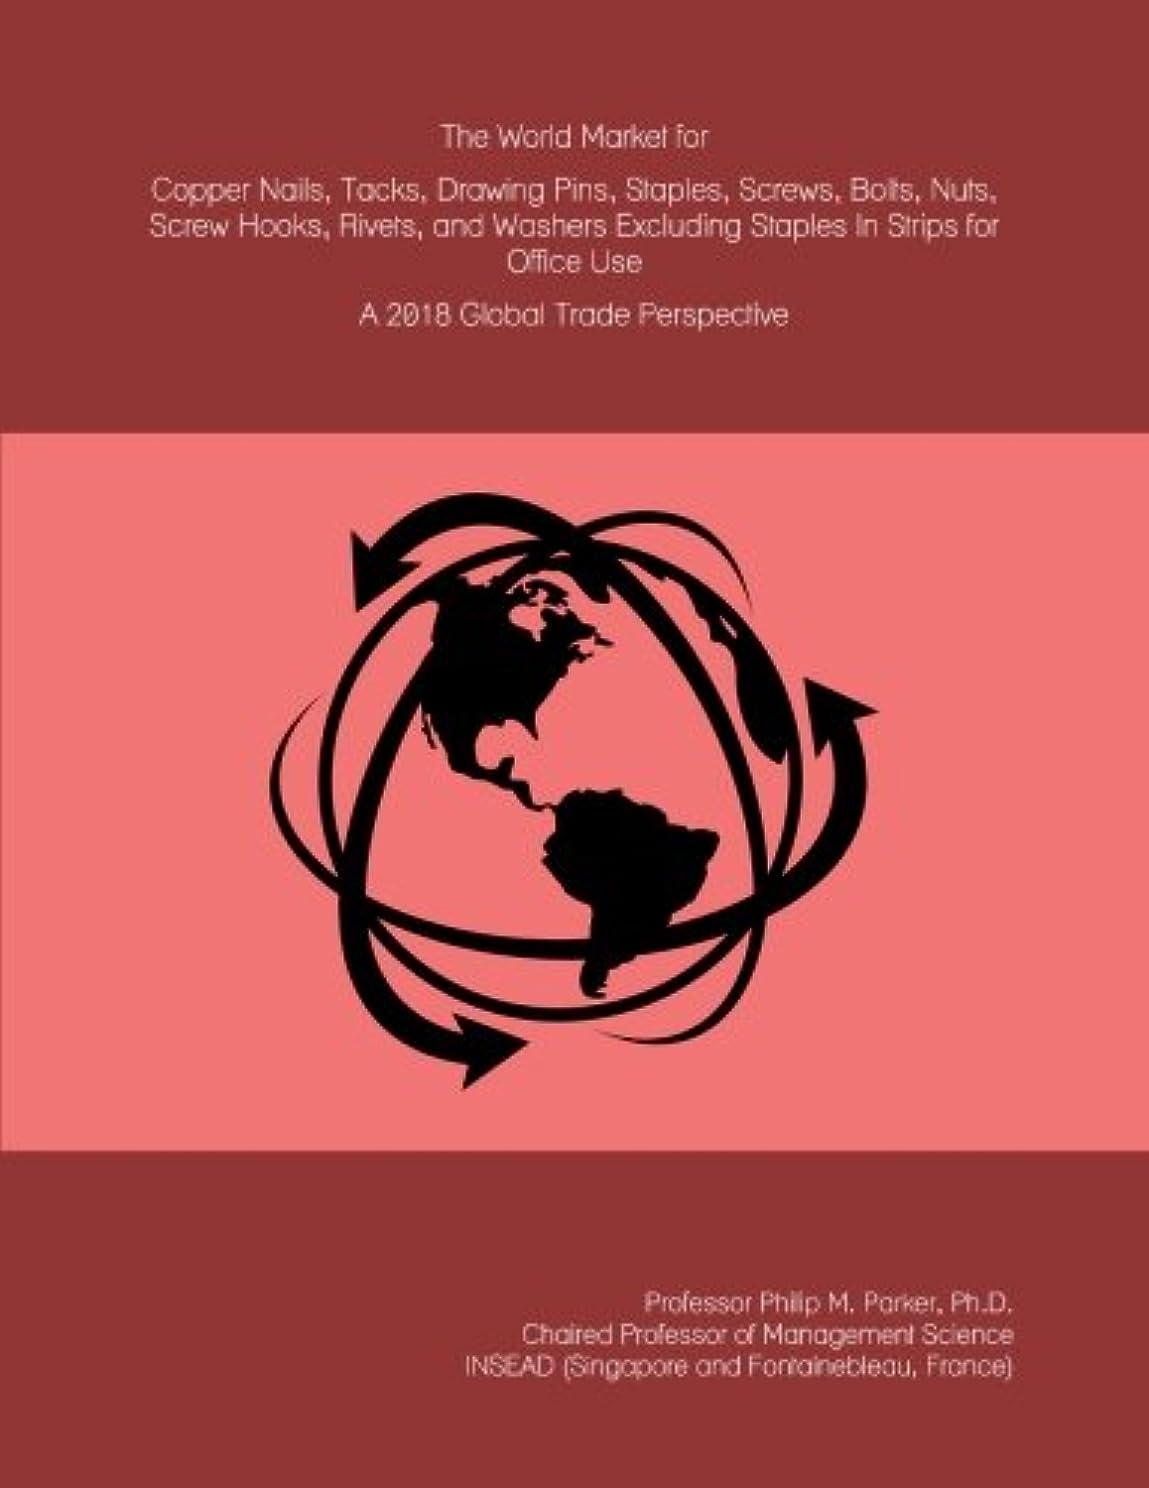 繊細まともなすることになっているThe World Market for Copper Nails, Tacks, Drawing Pins, Staples, Screws, Bolts, Nuts, Screw Hooks, Rivets, and Washers Excluding Staples In Strips for Office Use: A 2018 Global Trade Perspective